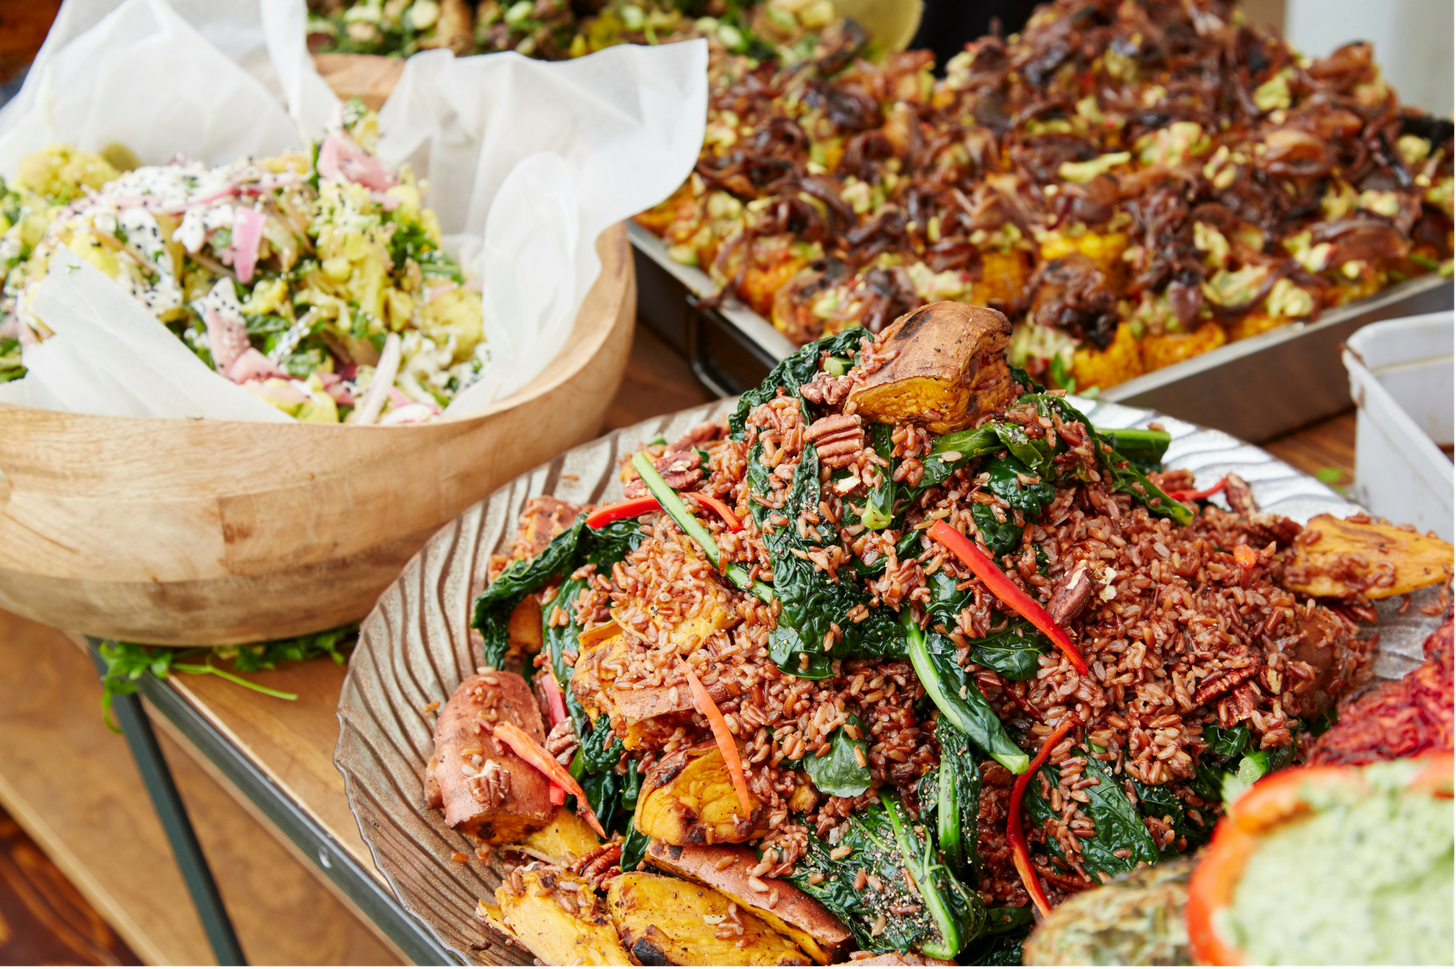 Evita las fotos saturadas de comida